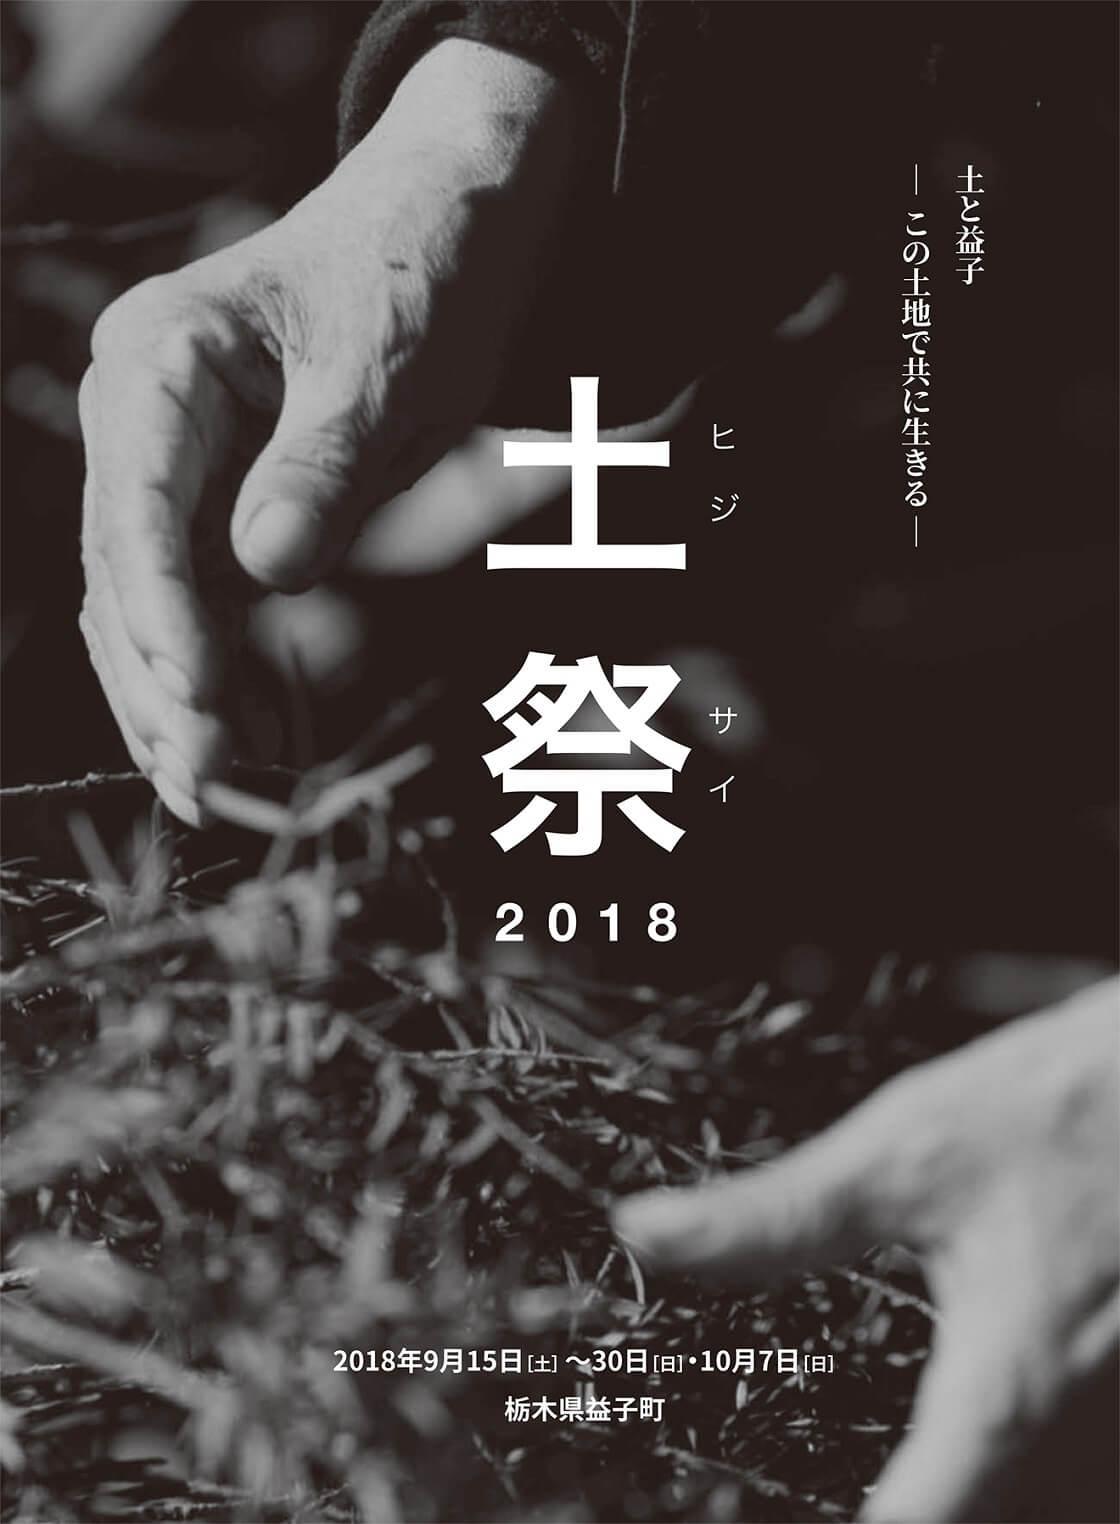 土祭2018のパンフレット